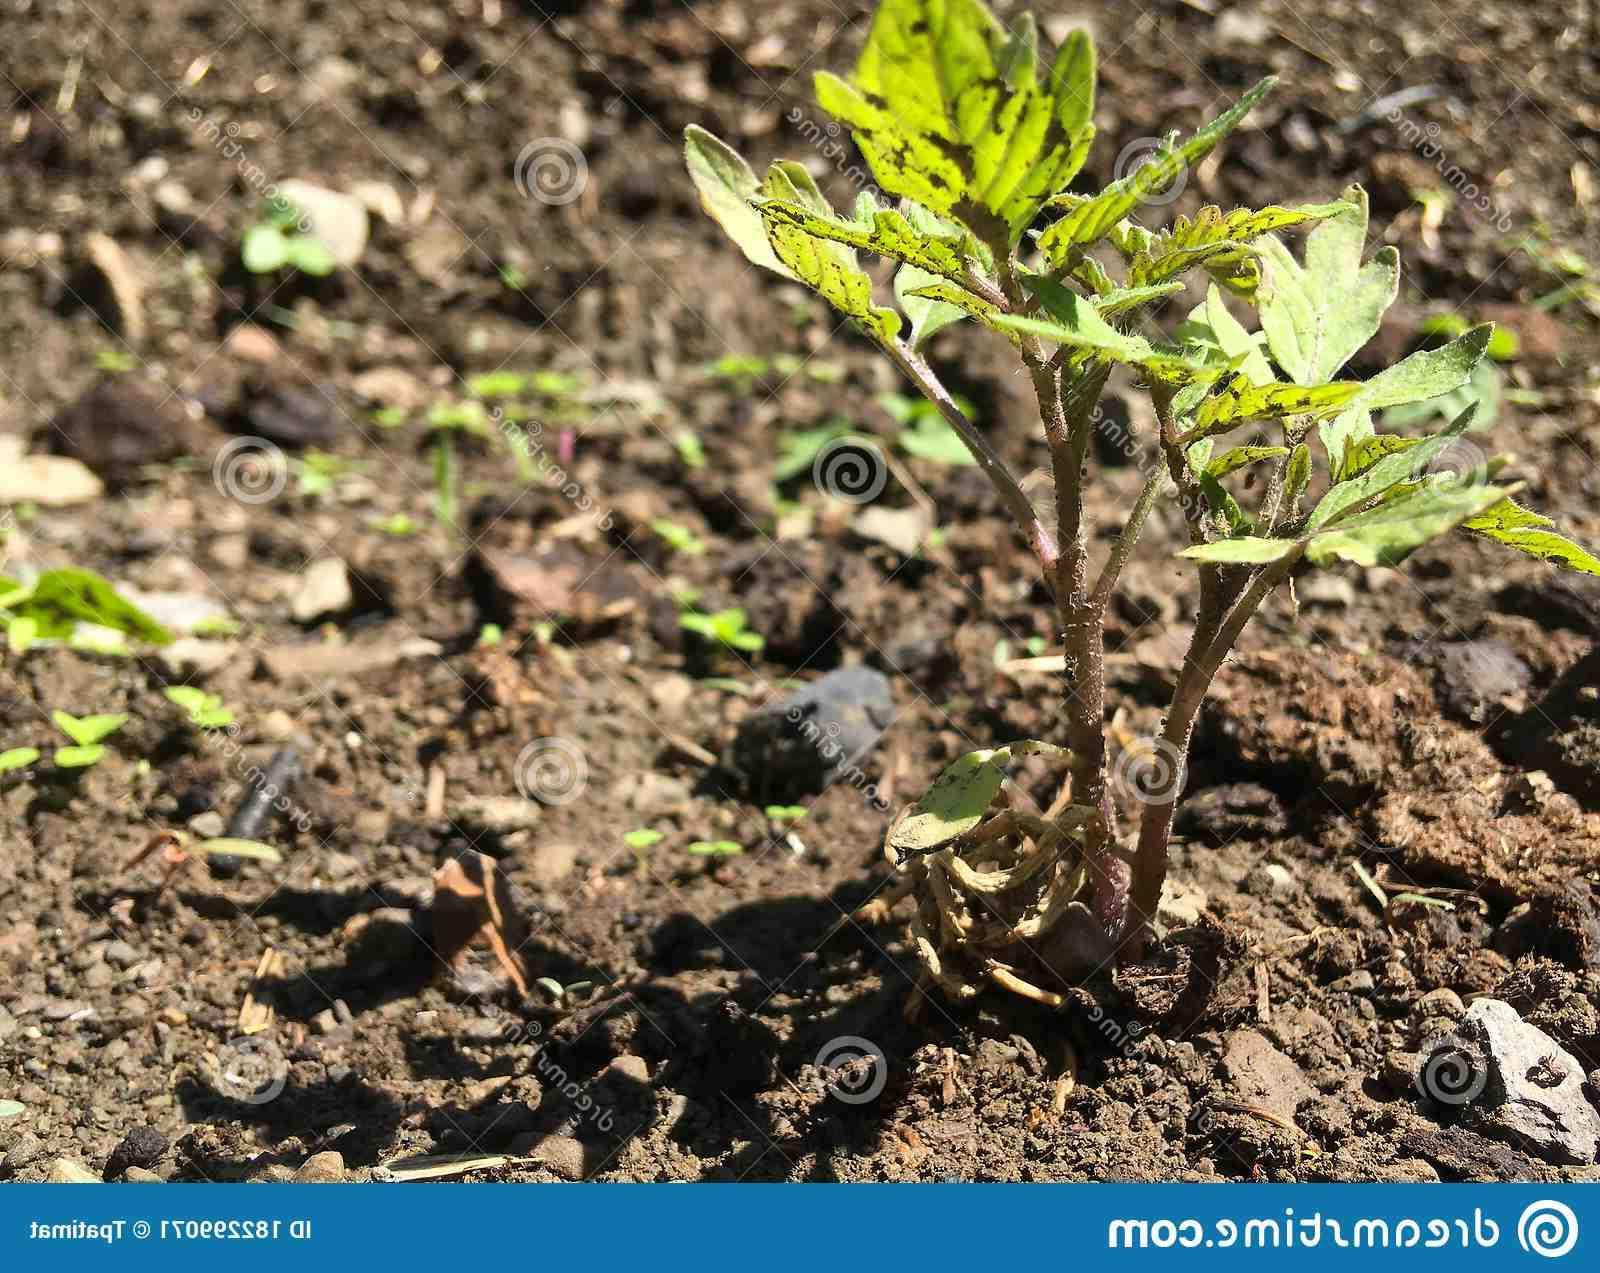 Quand mettre les plants de tomates dehors ?